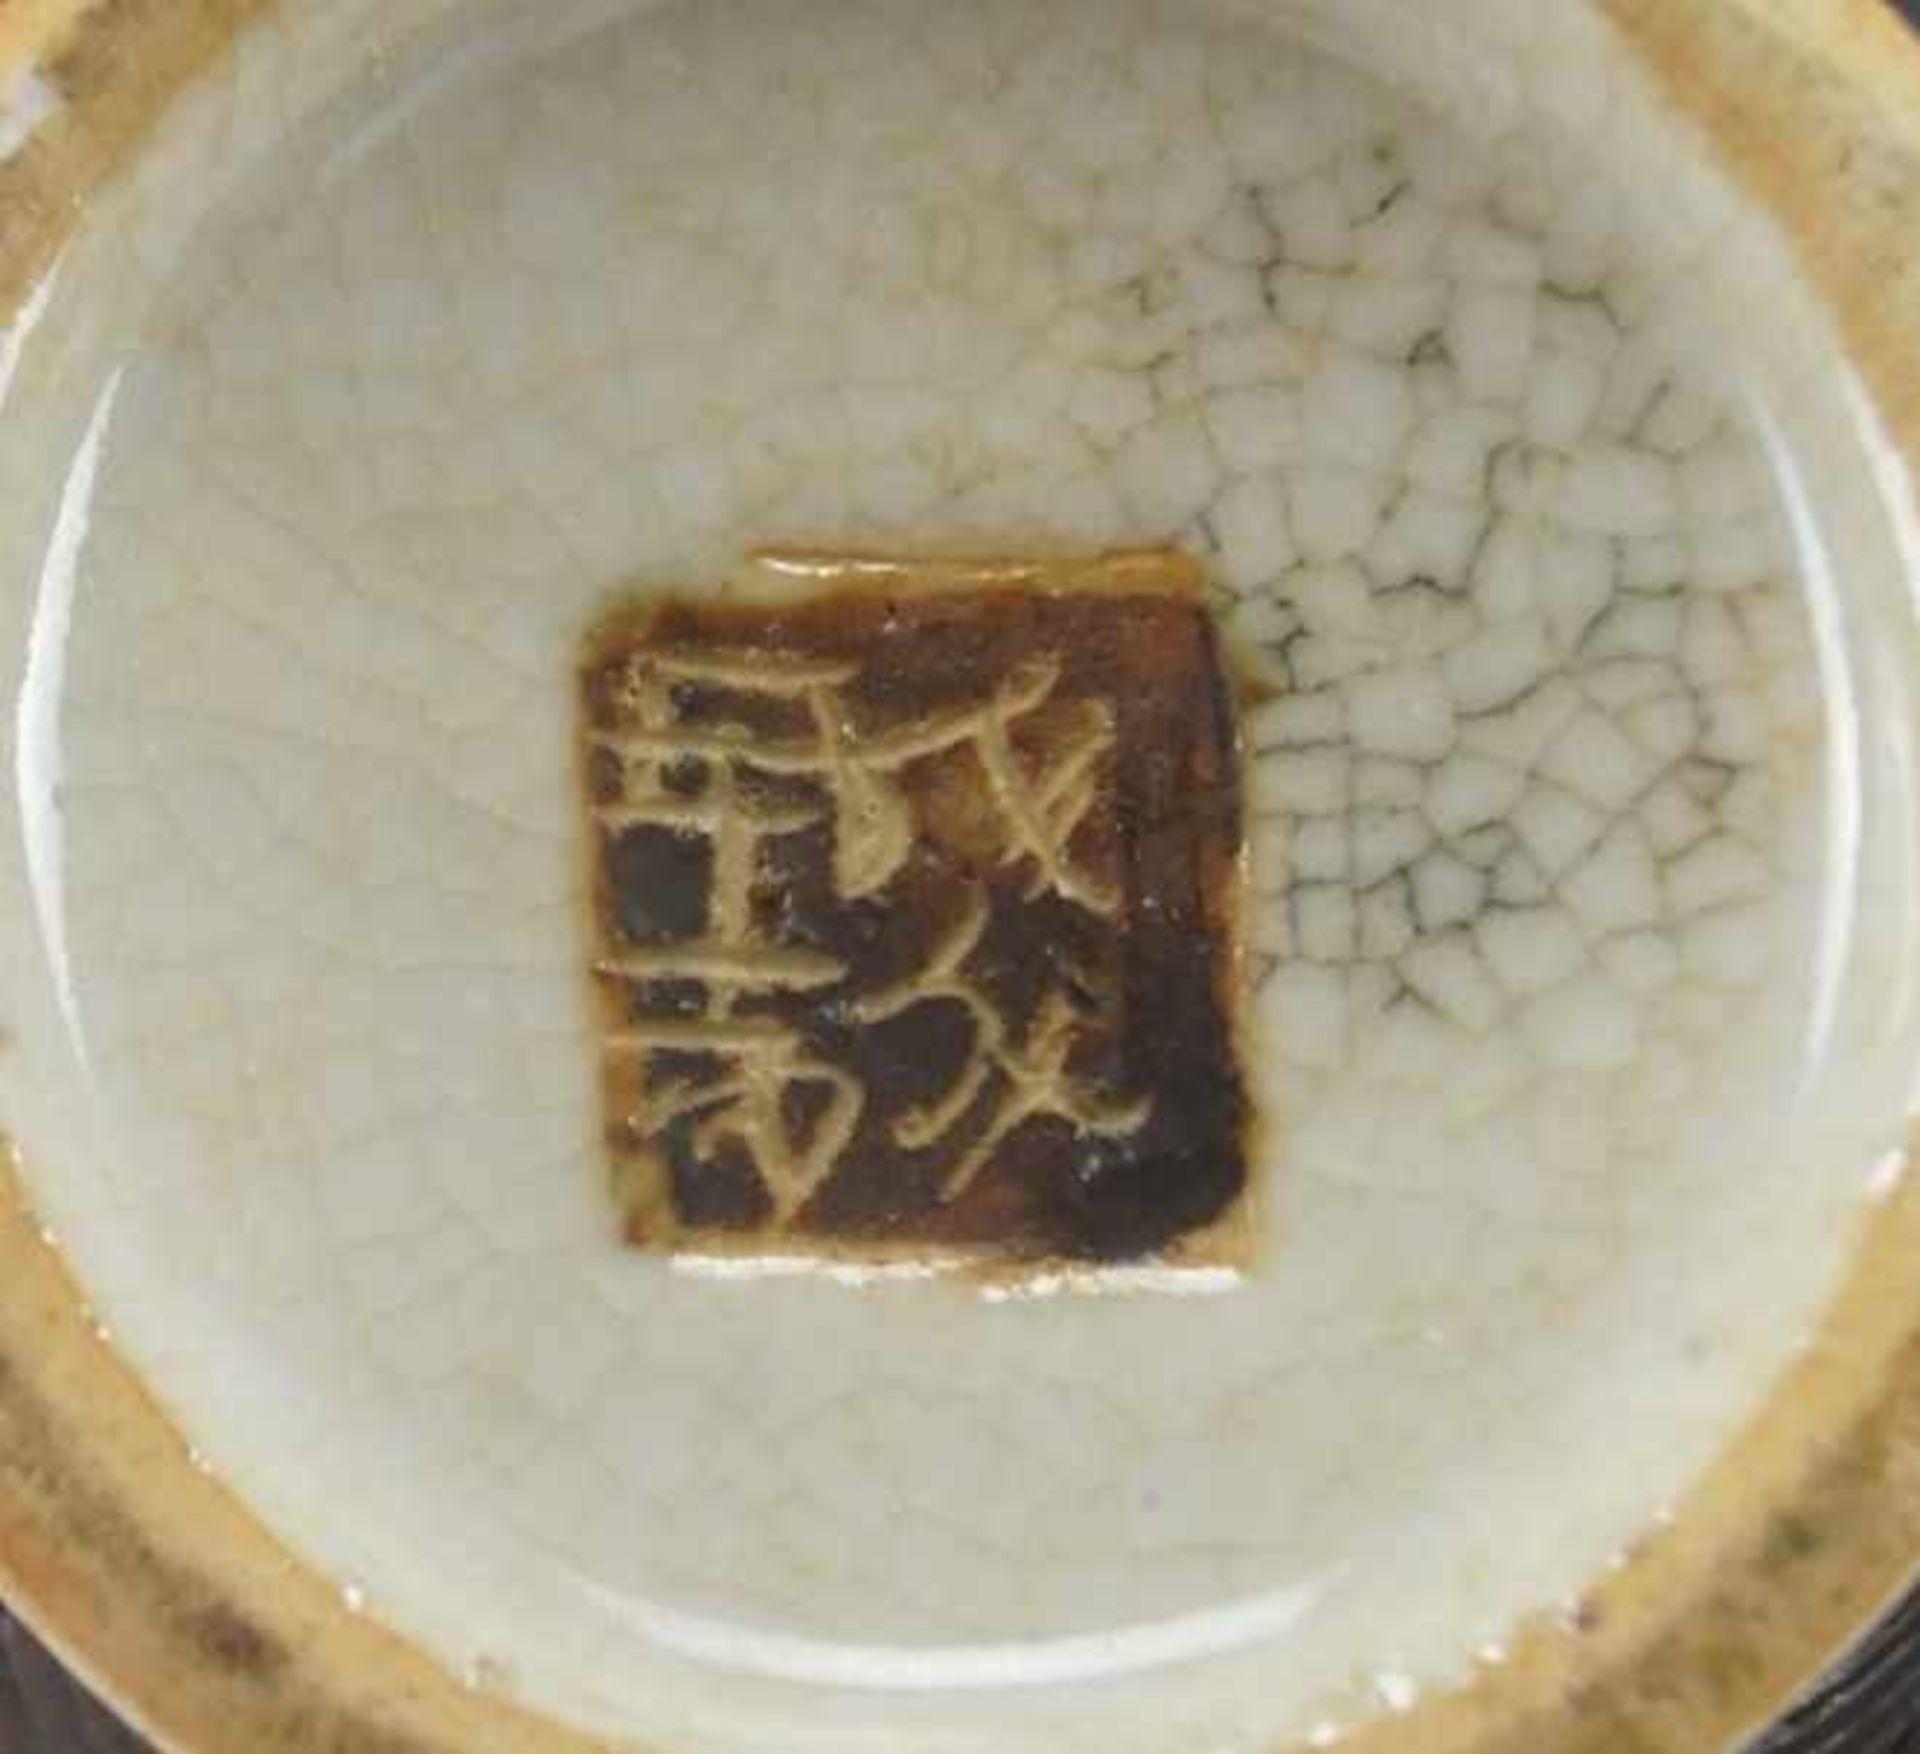 Kleine Vase beiger Scherben, mit craquelierter, cremefarbener Glasur, verziert mit einer umlaufenden - Bild 2 aus 4